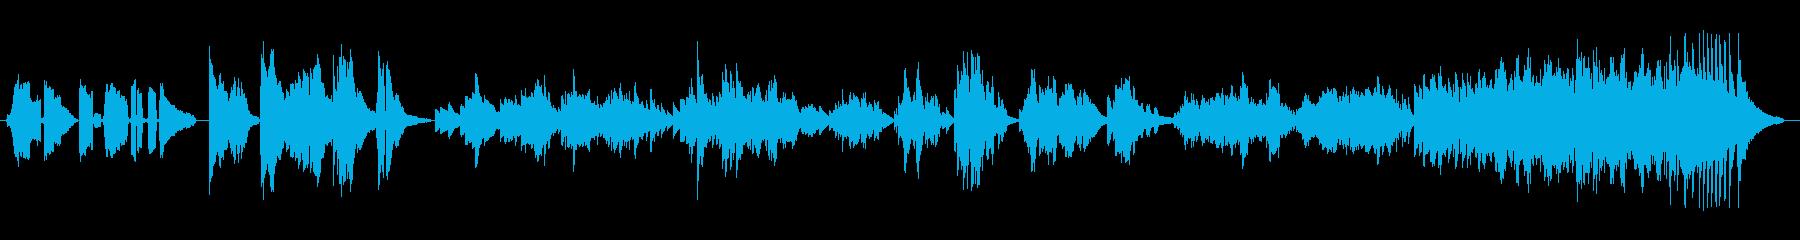 粋なスパニッシュピアノの再生済みの波形